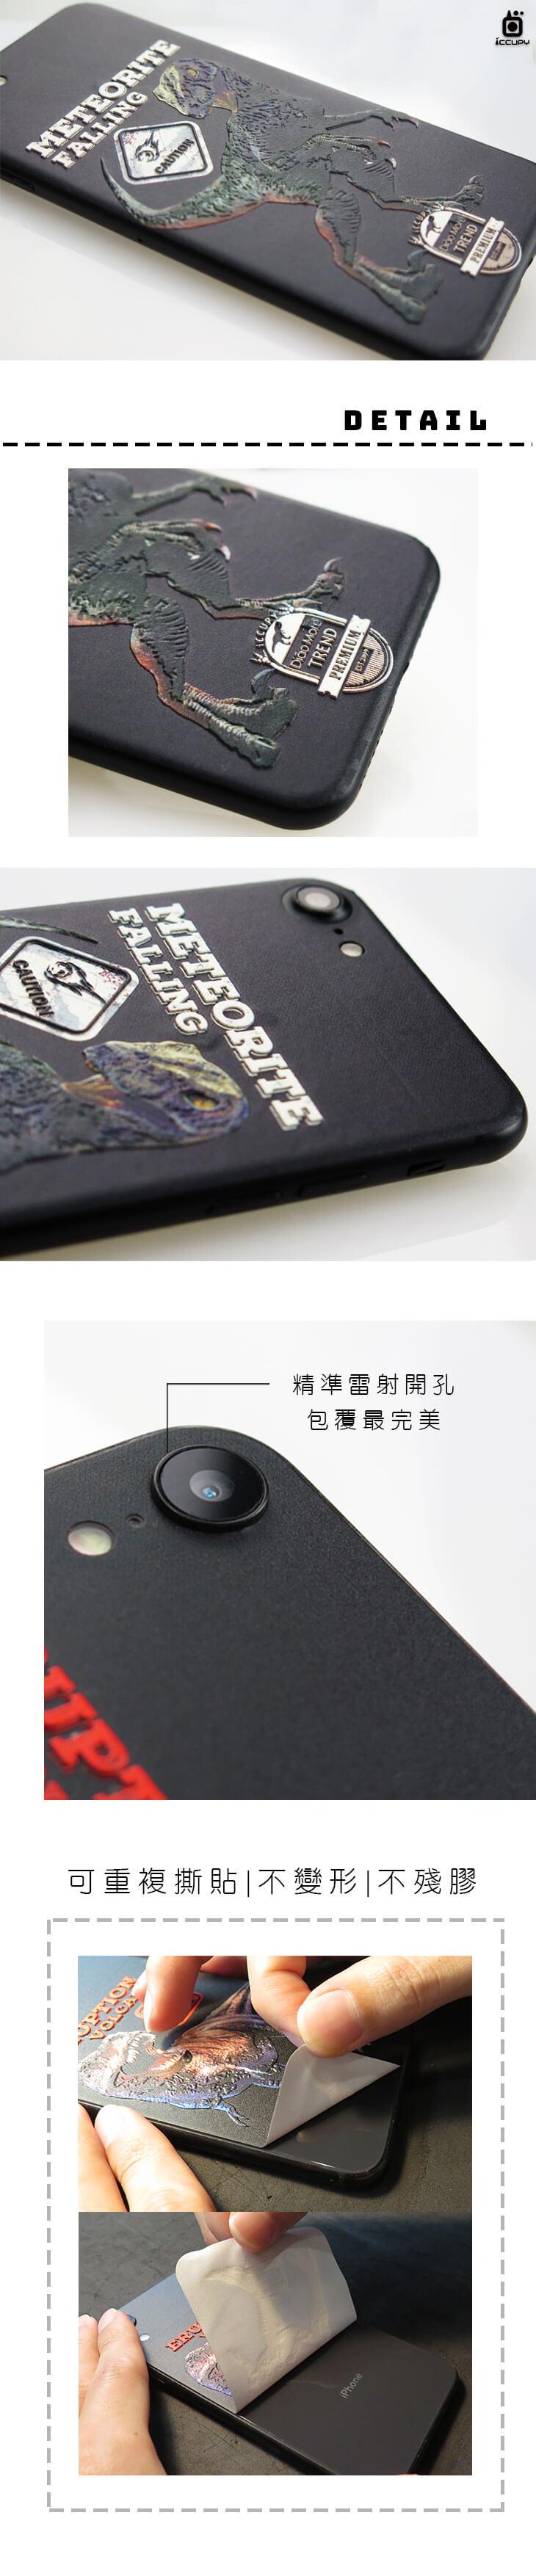 高雄手機包膜-刁膜DiaoMore-VR擬真浮雕背貼-恐龍末日-隕石迅猛龍METEORITE